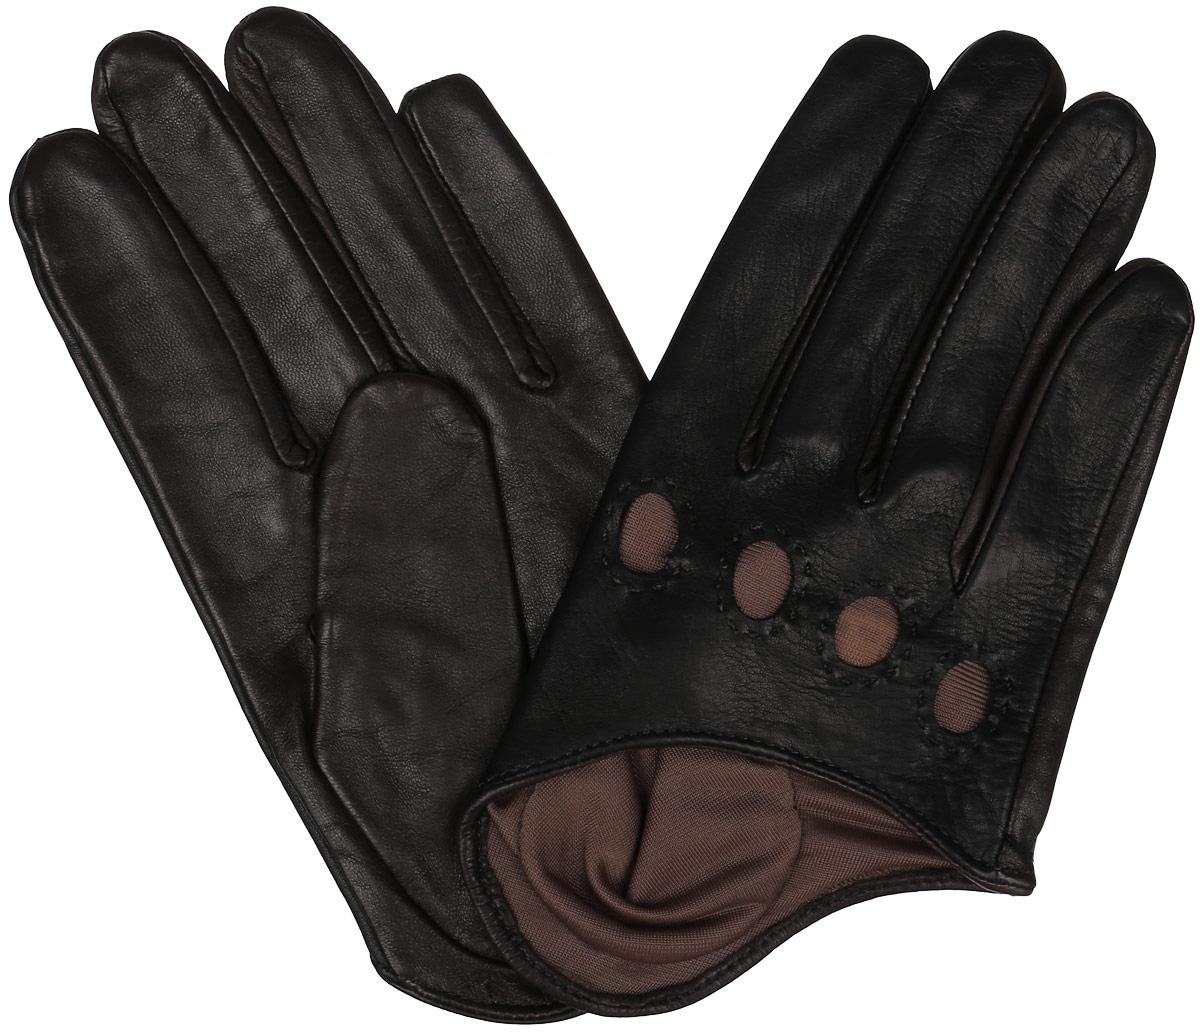 ПерчаткиK81-IA1/BL.BR (60)Стильные укороченные перчатки Michel Katana с шелковой подкладкой выполнены из мягкой и приятной на ощупь натуральной кожи ягненка. С лицевой стороны перчатки оформлены декоративной перфорацией. Перчатки станут достойным элементом вашего стиля и сохранят тепло ваших рук. Это не просто модный аксессуар, но и уникальный авторский стиль, наполненный духом севера Франции.